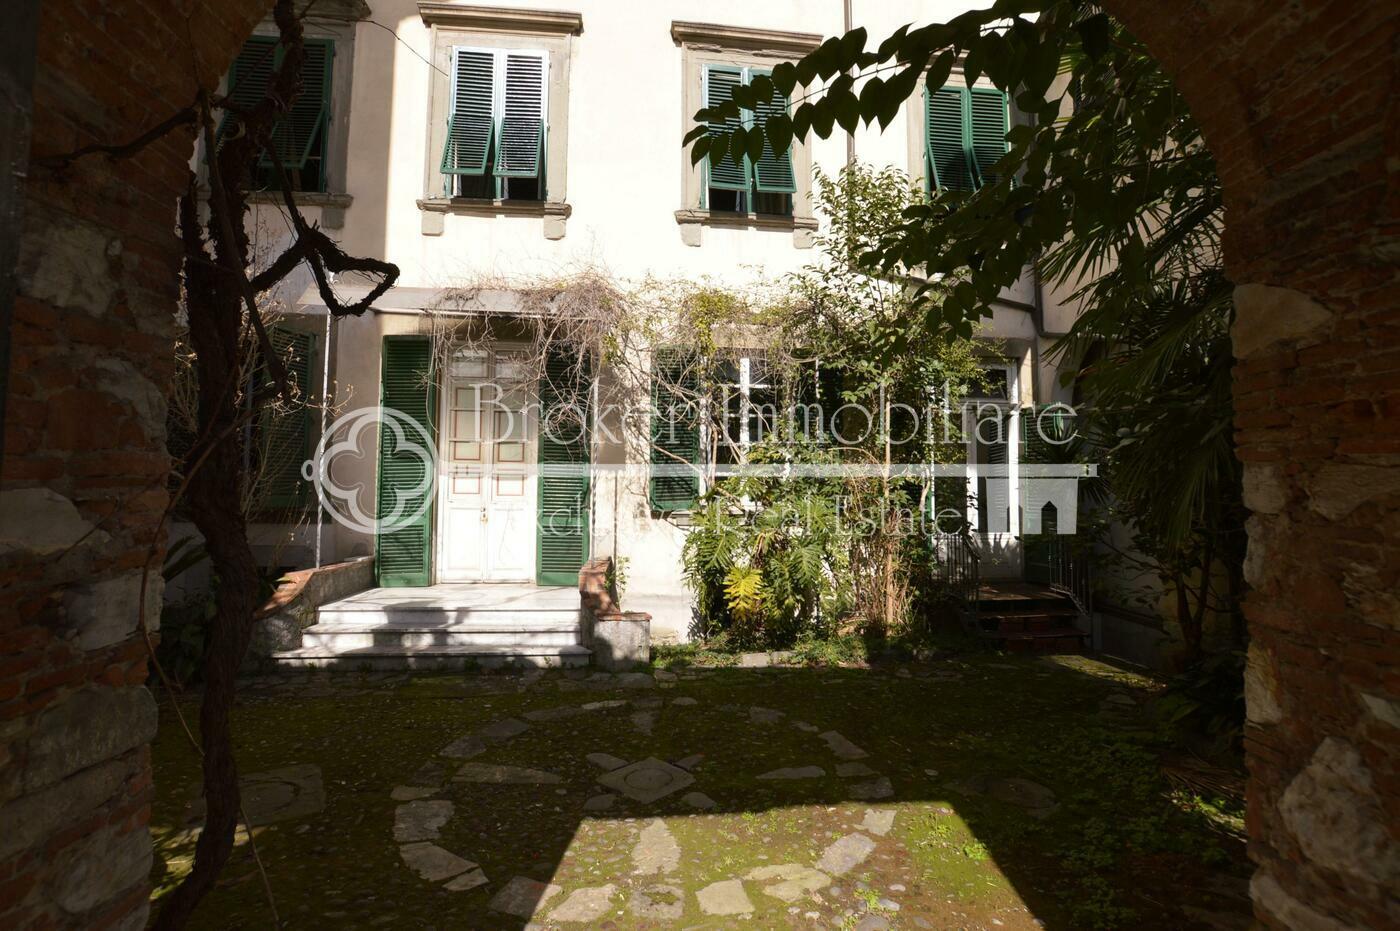 Appartamento in vendita a Lucca in palazzo storico con corte privata